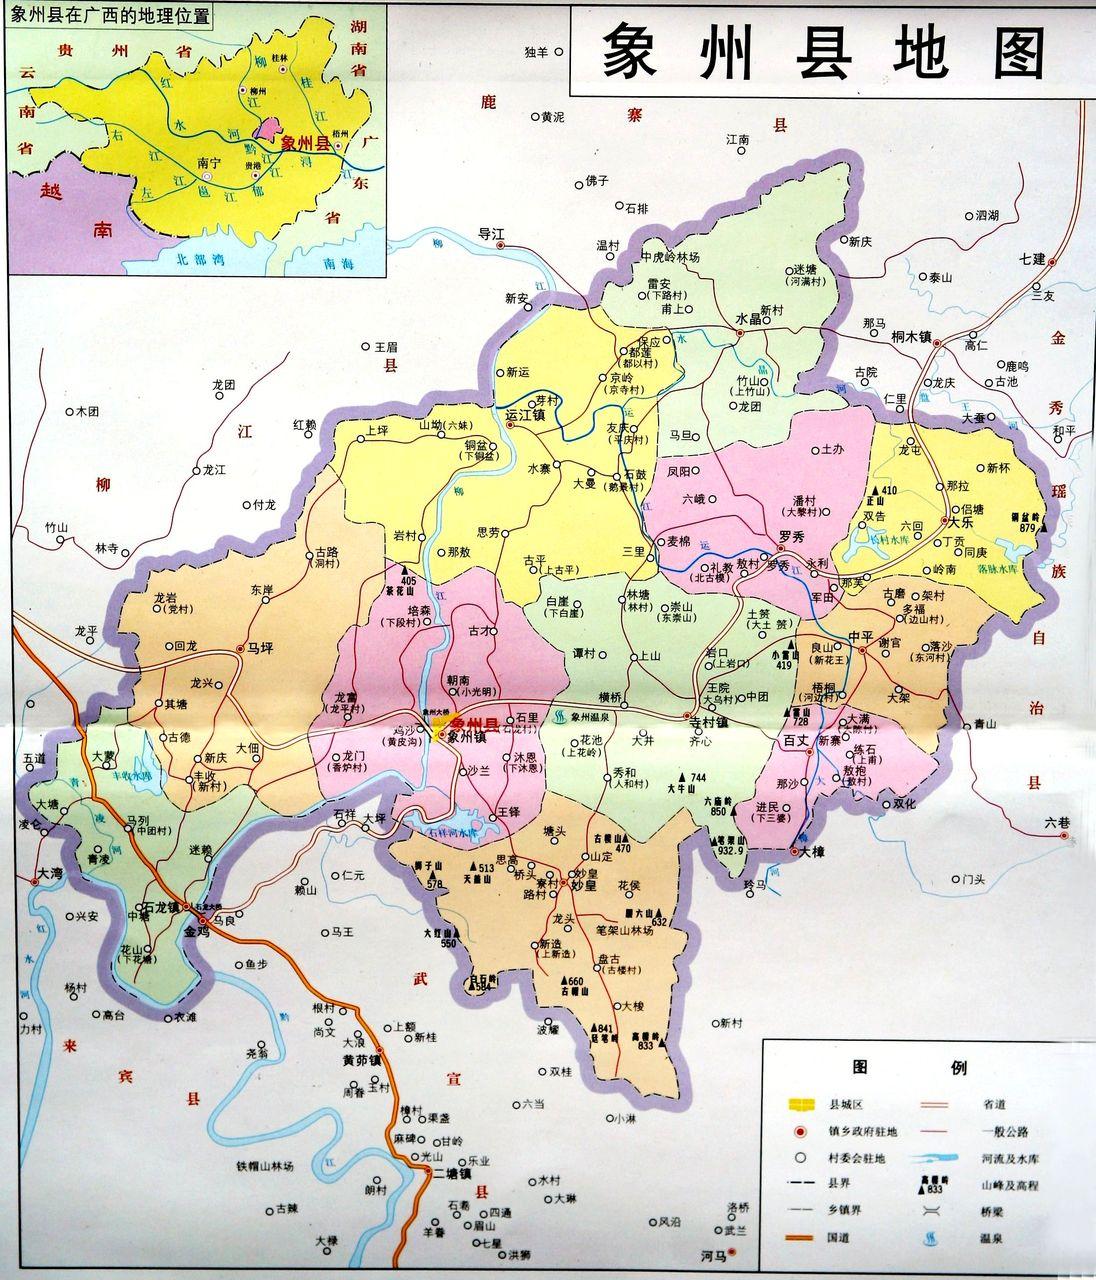 【来宾象州县地图】广西壮族自治区来宾象州县地图